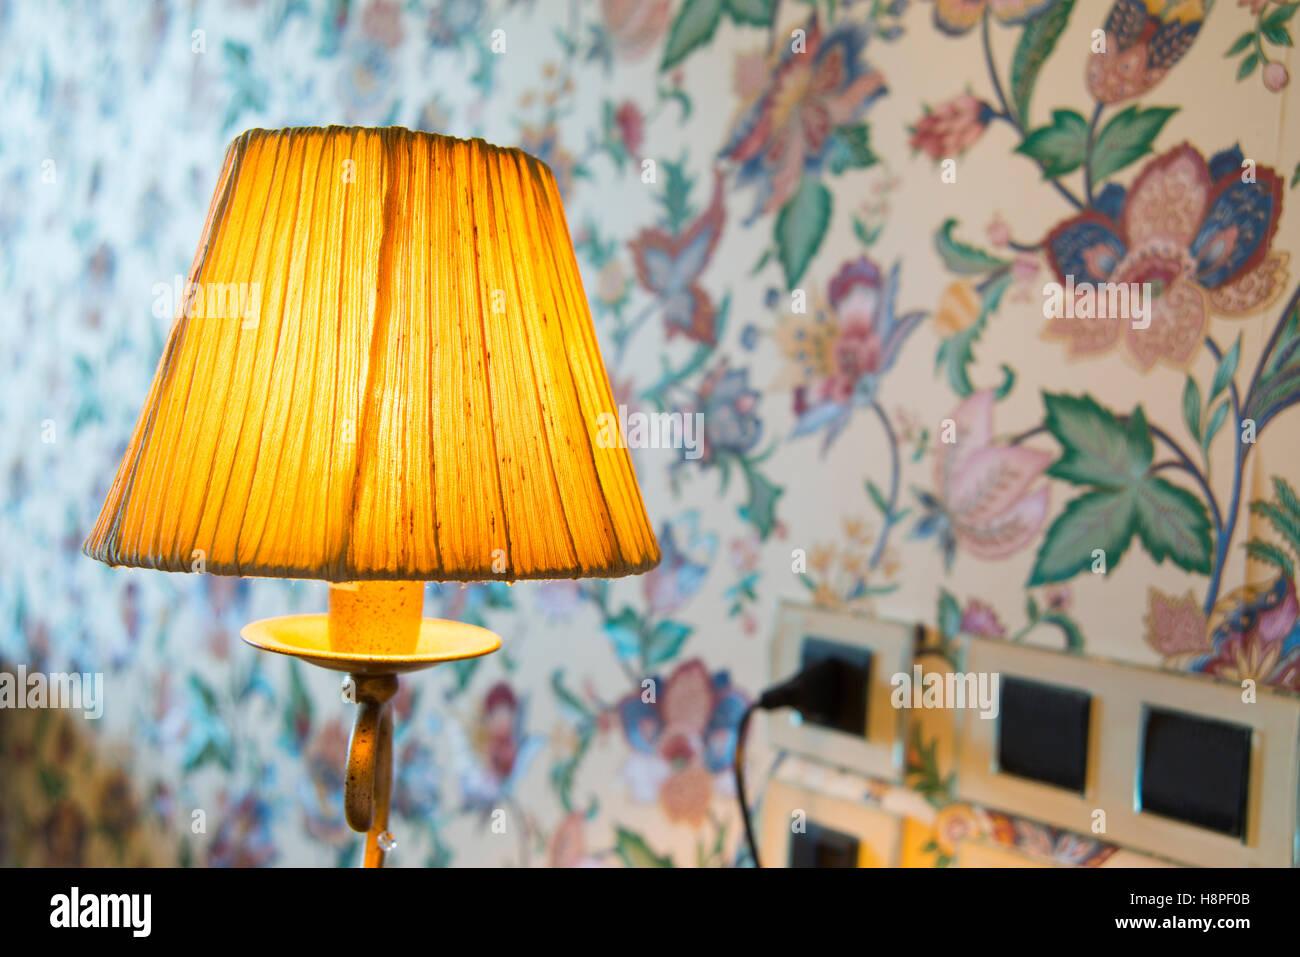 Lit bedside lamp. - Stock Image